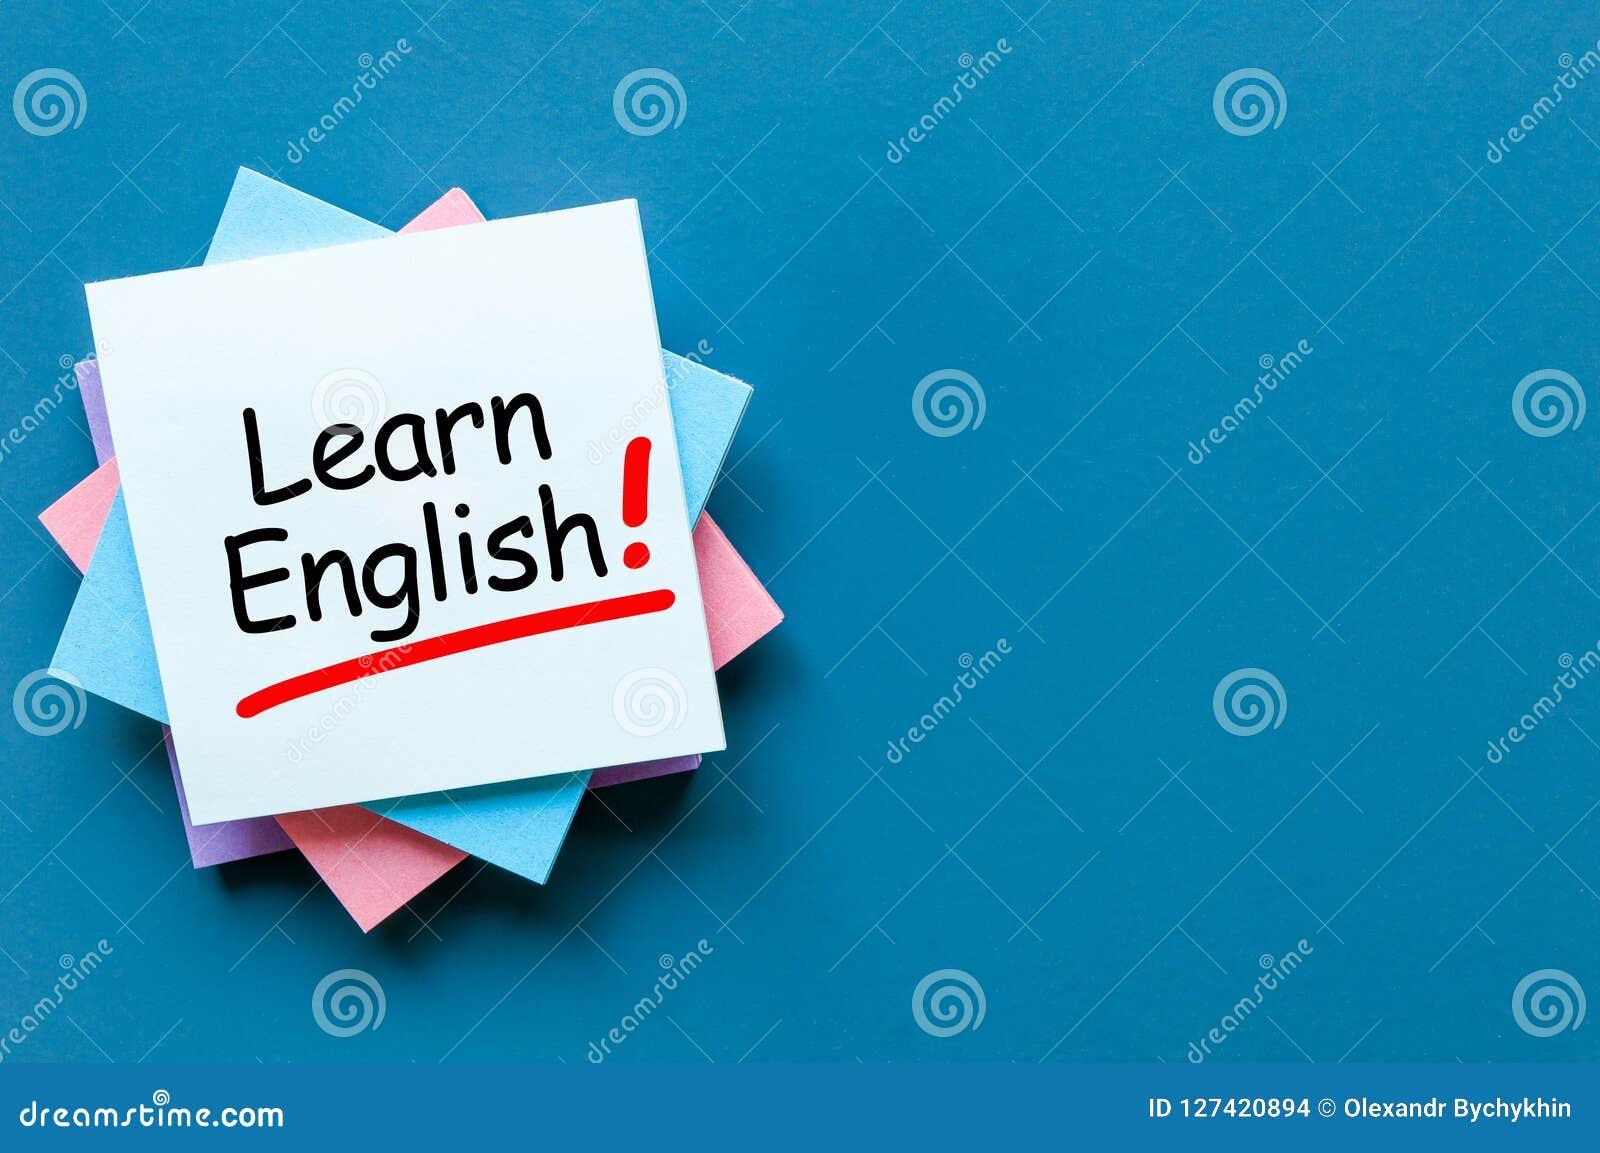 Lernen Sie Englisch - Anmerkung am blauen Hintergrund mit leerem Raum für Text